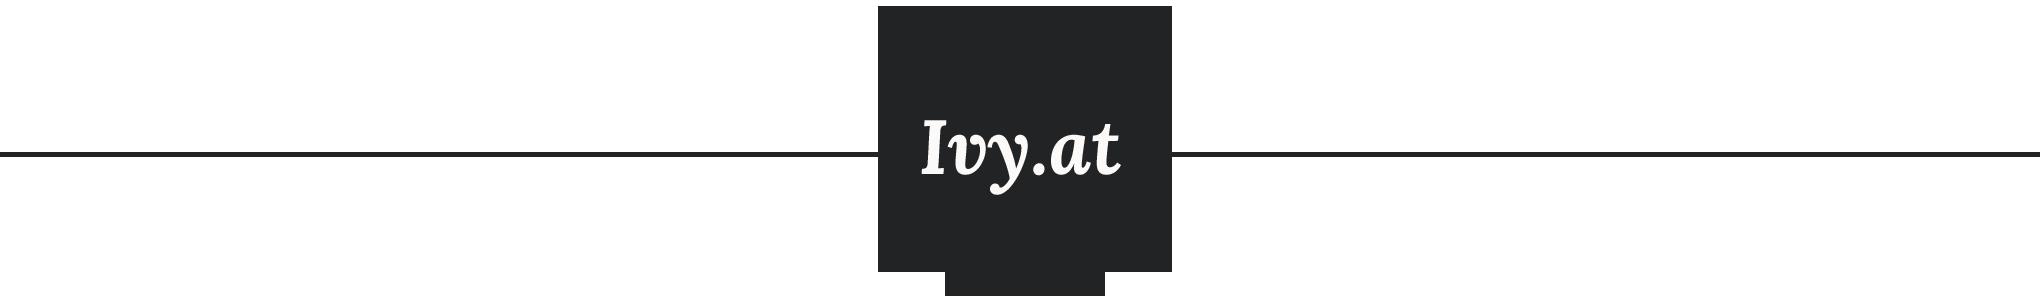 ivy.at